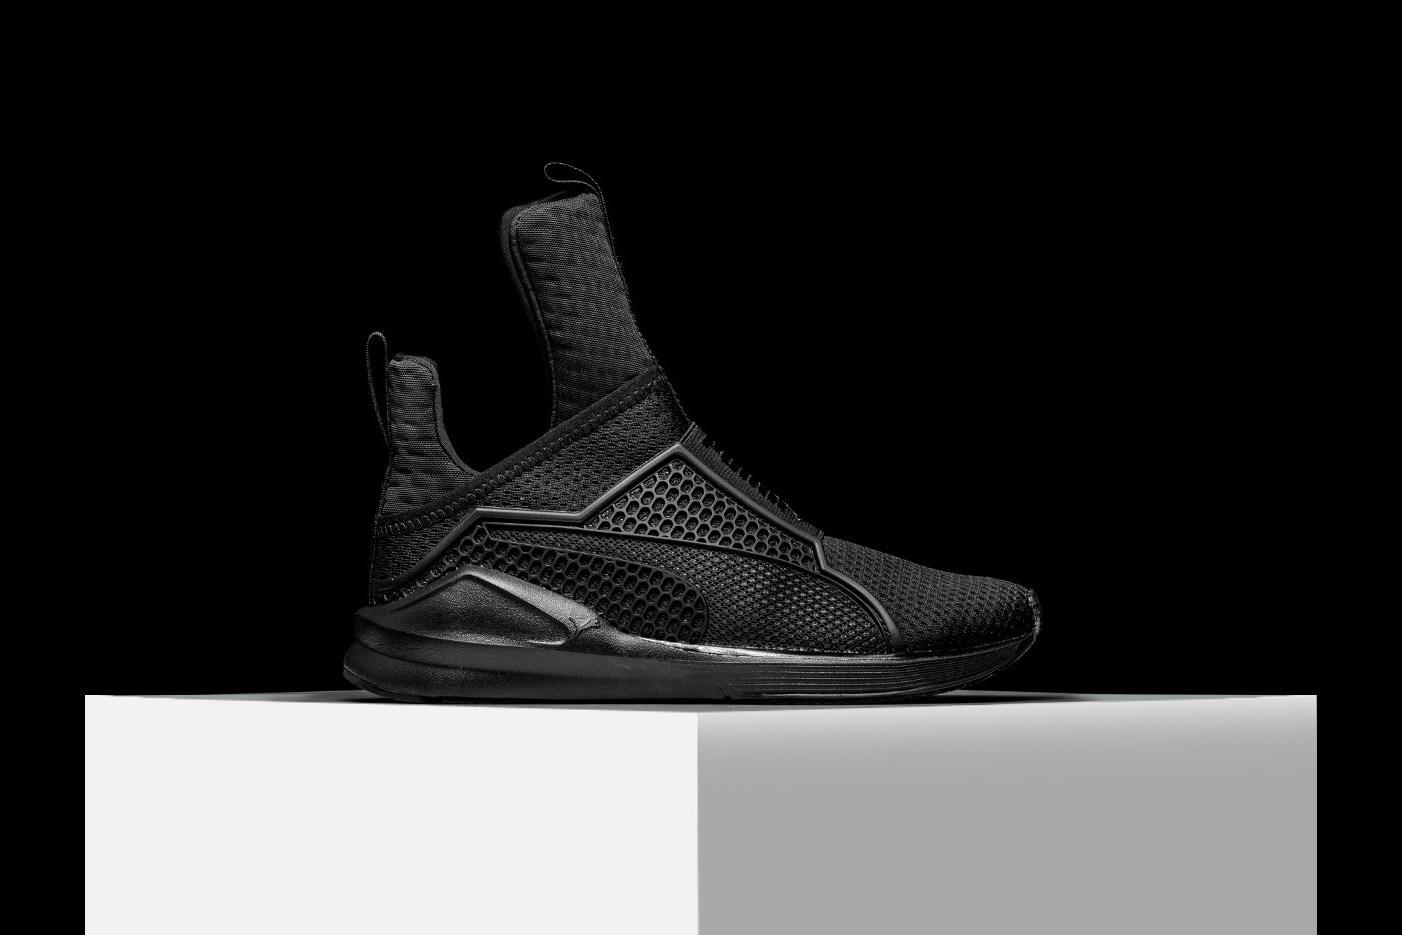 puma scarpe rihanna 2016